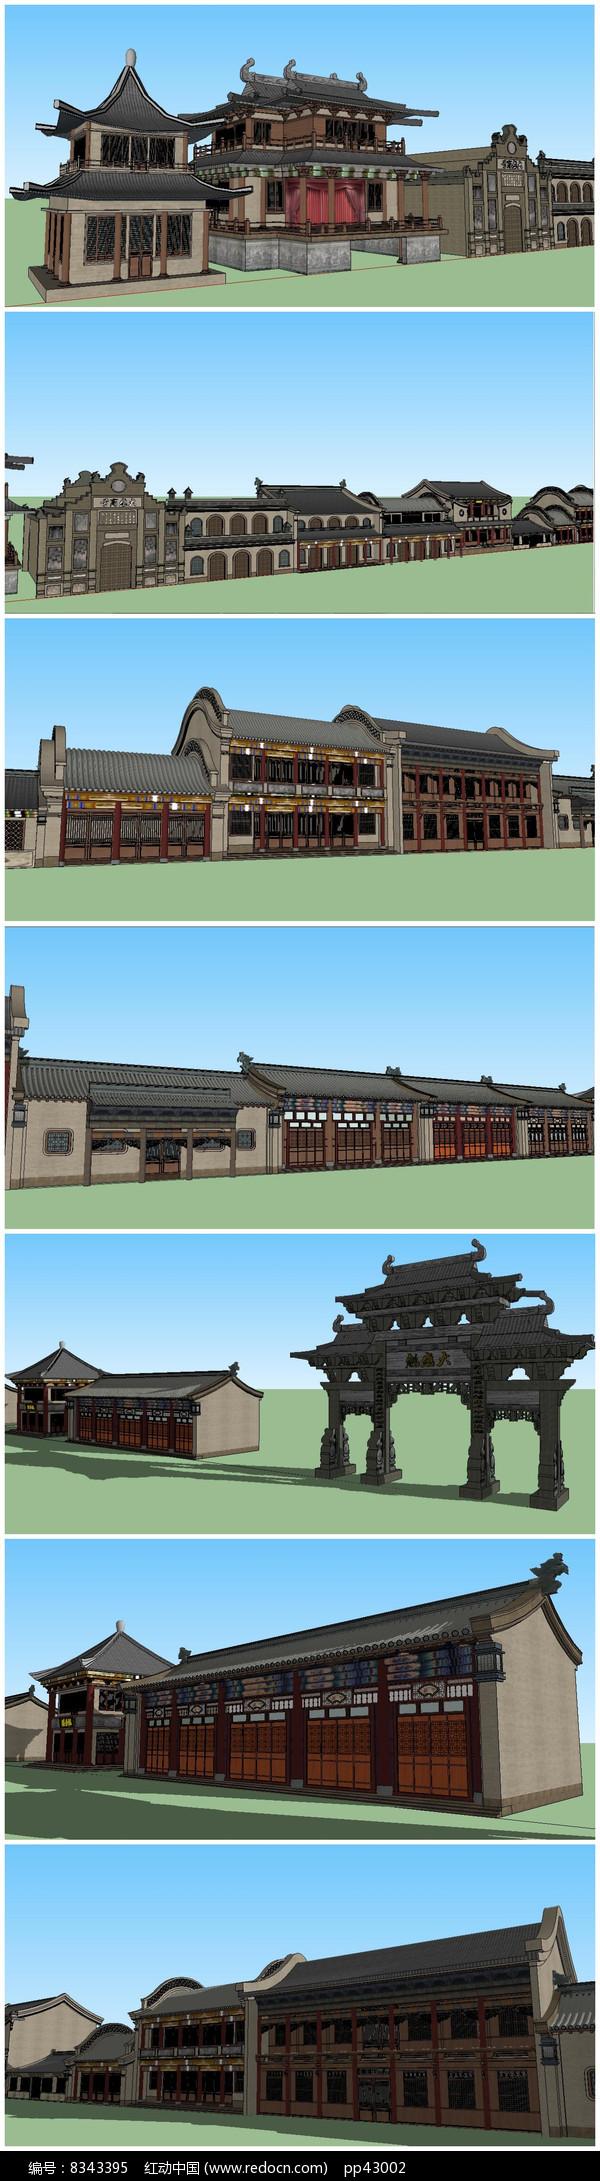 多款超精细中式古建筑SU模型图片